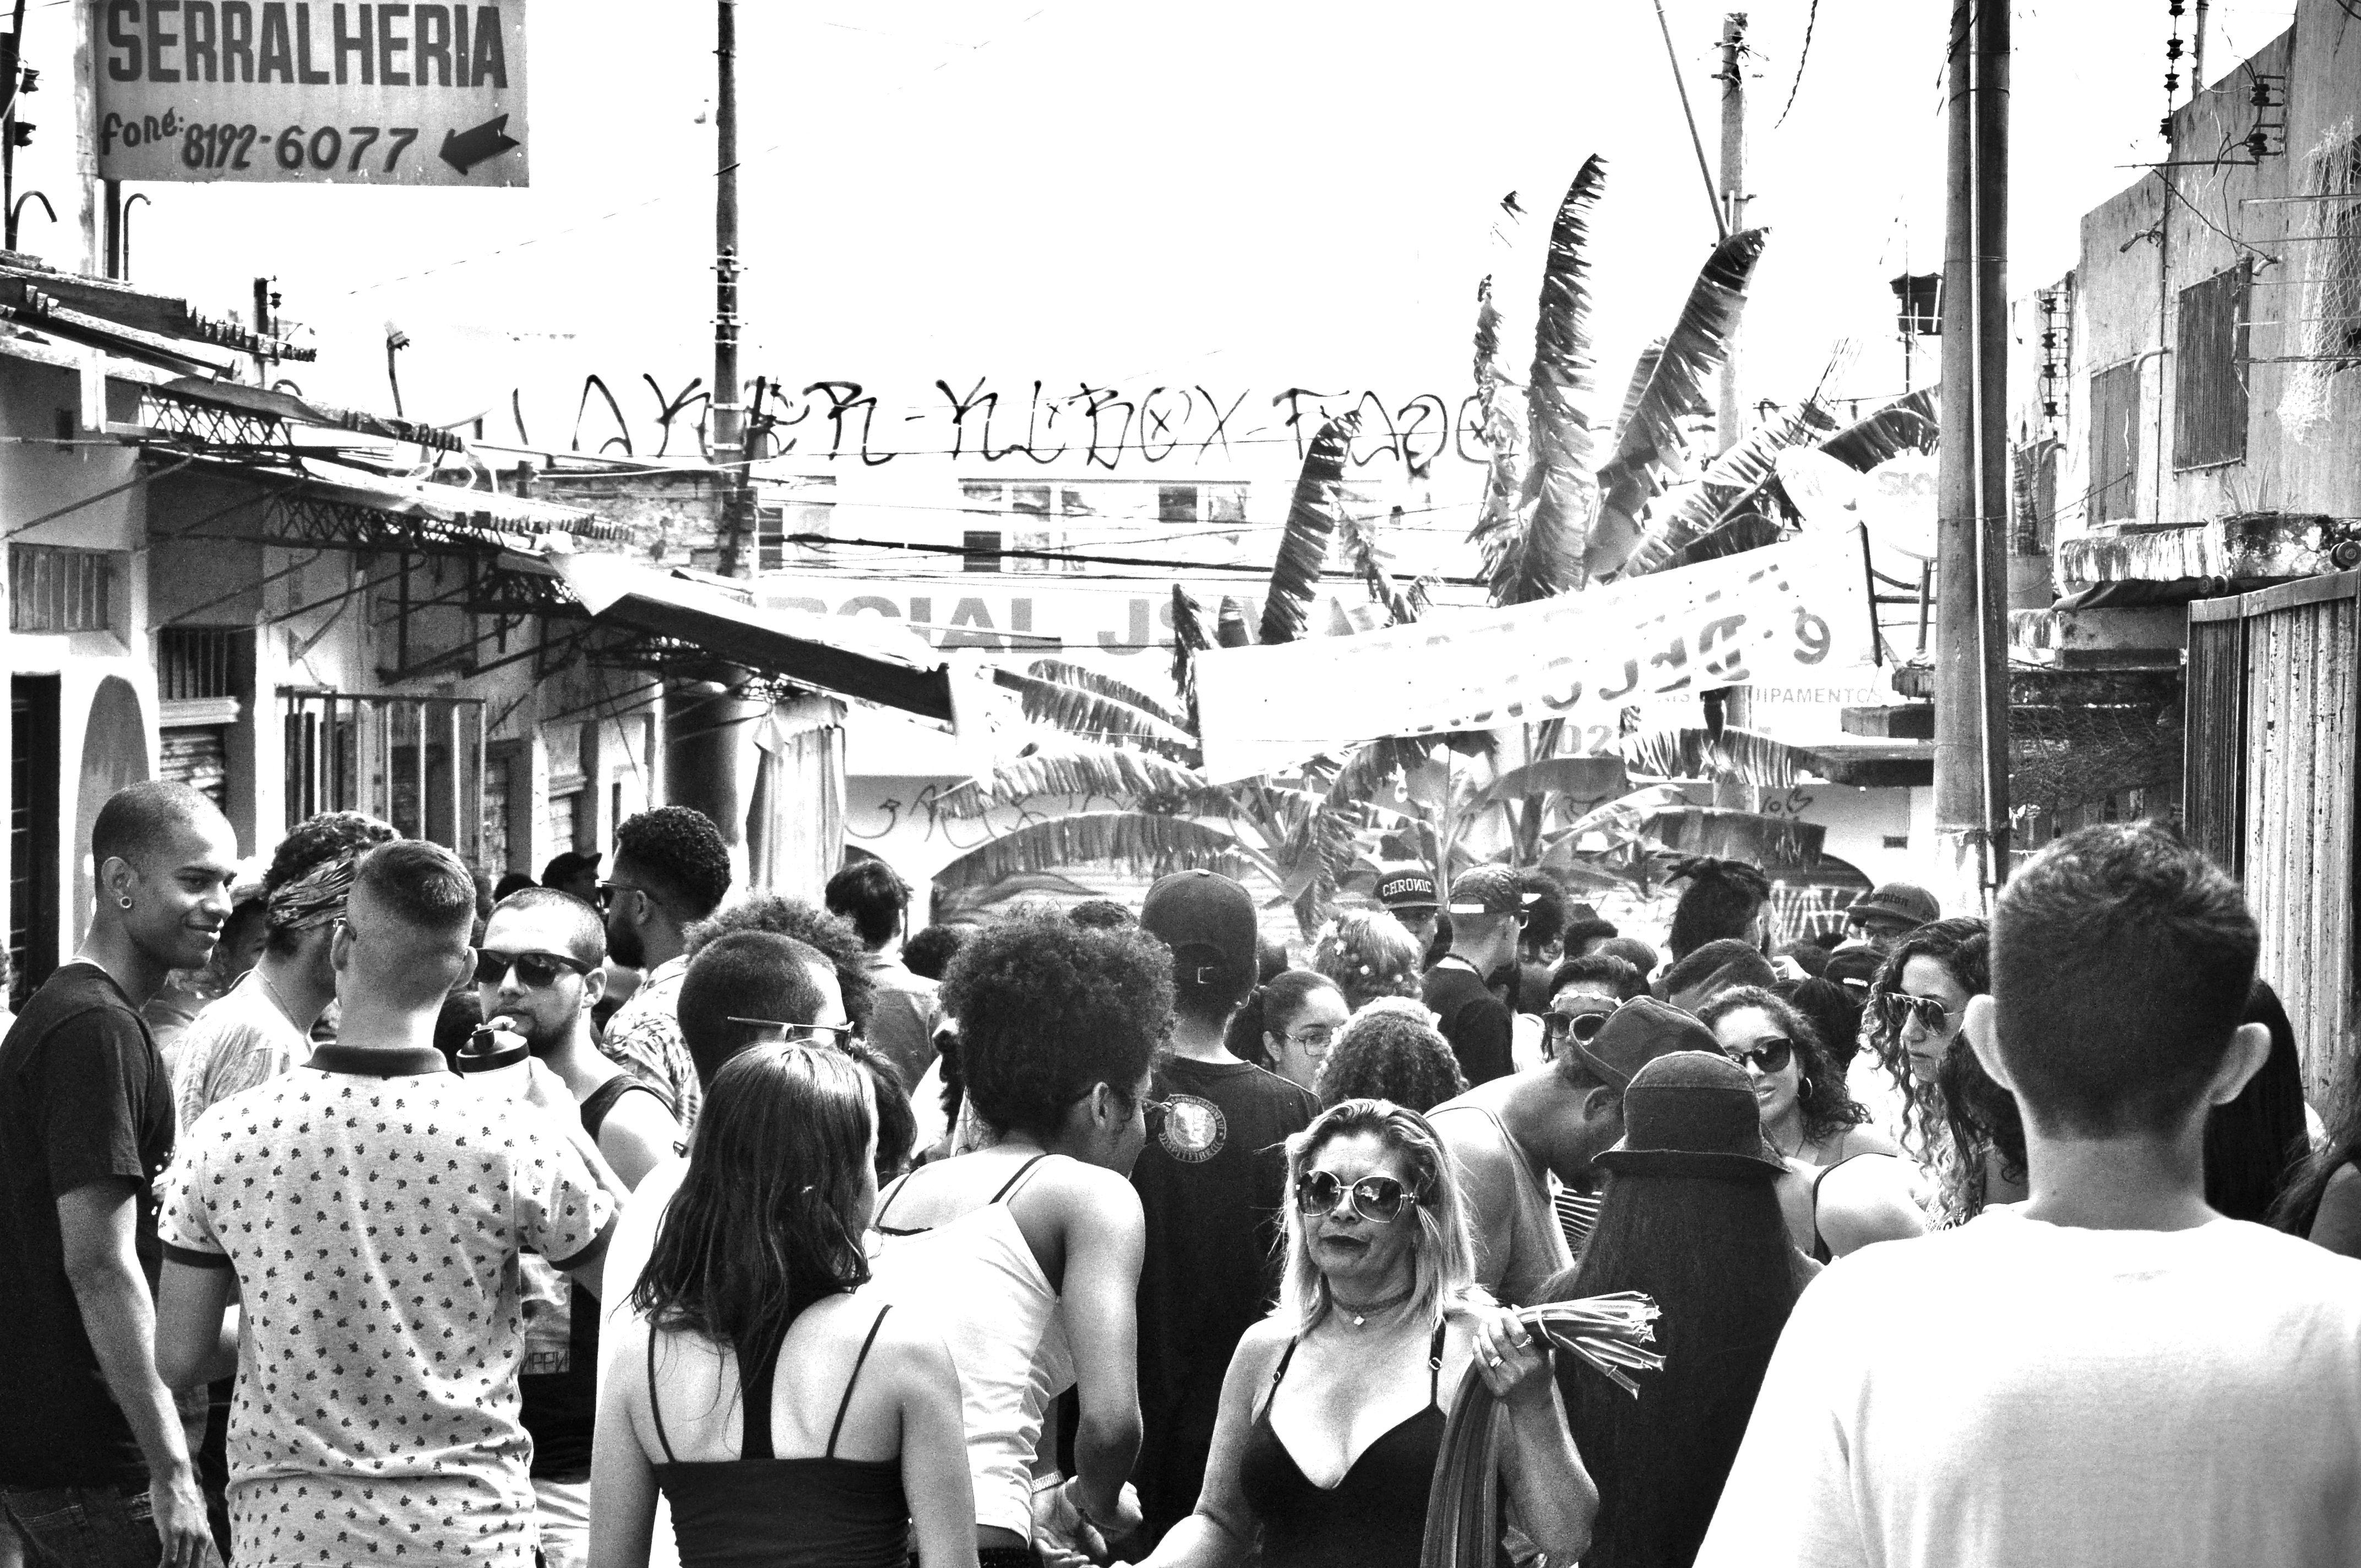 Eventos Beco Pub. Foto: Matheus Alves